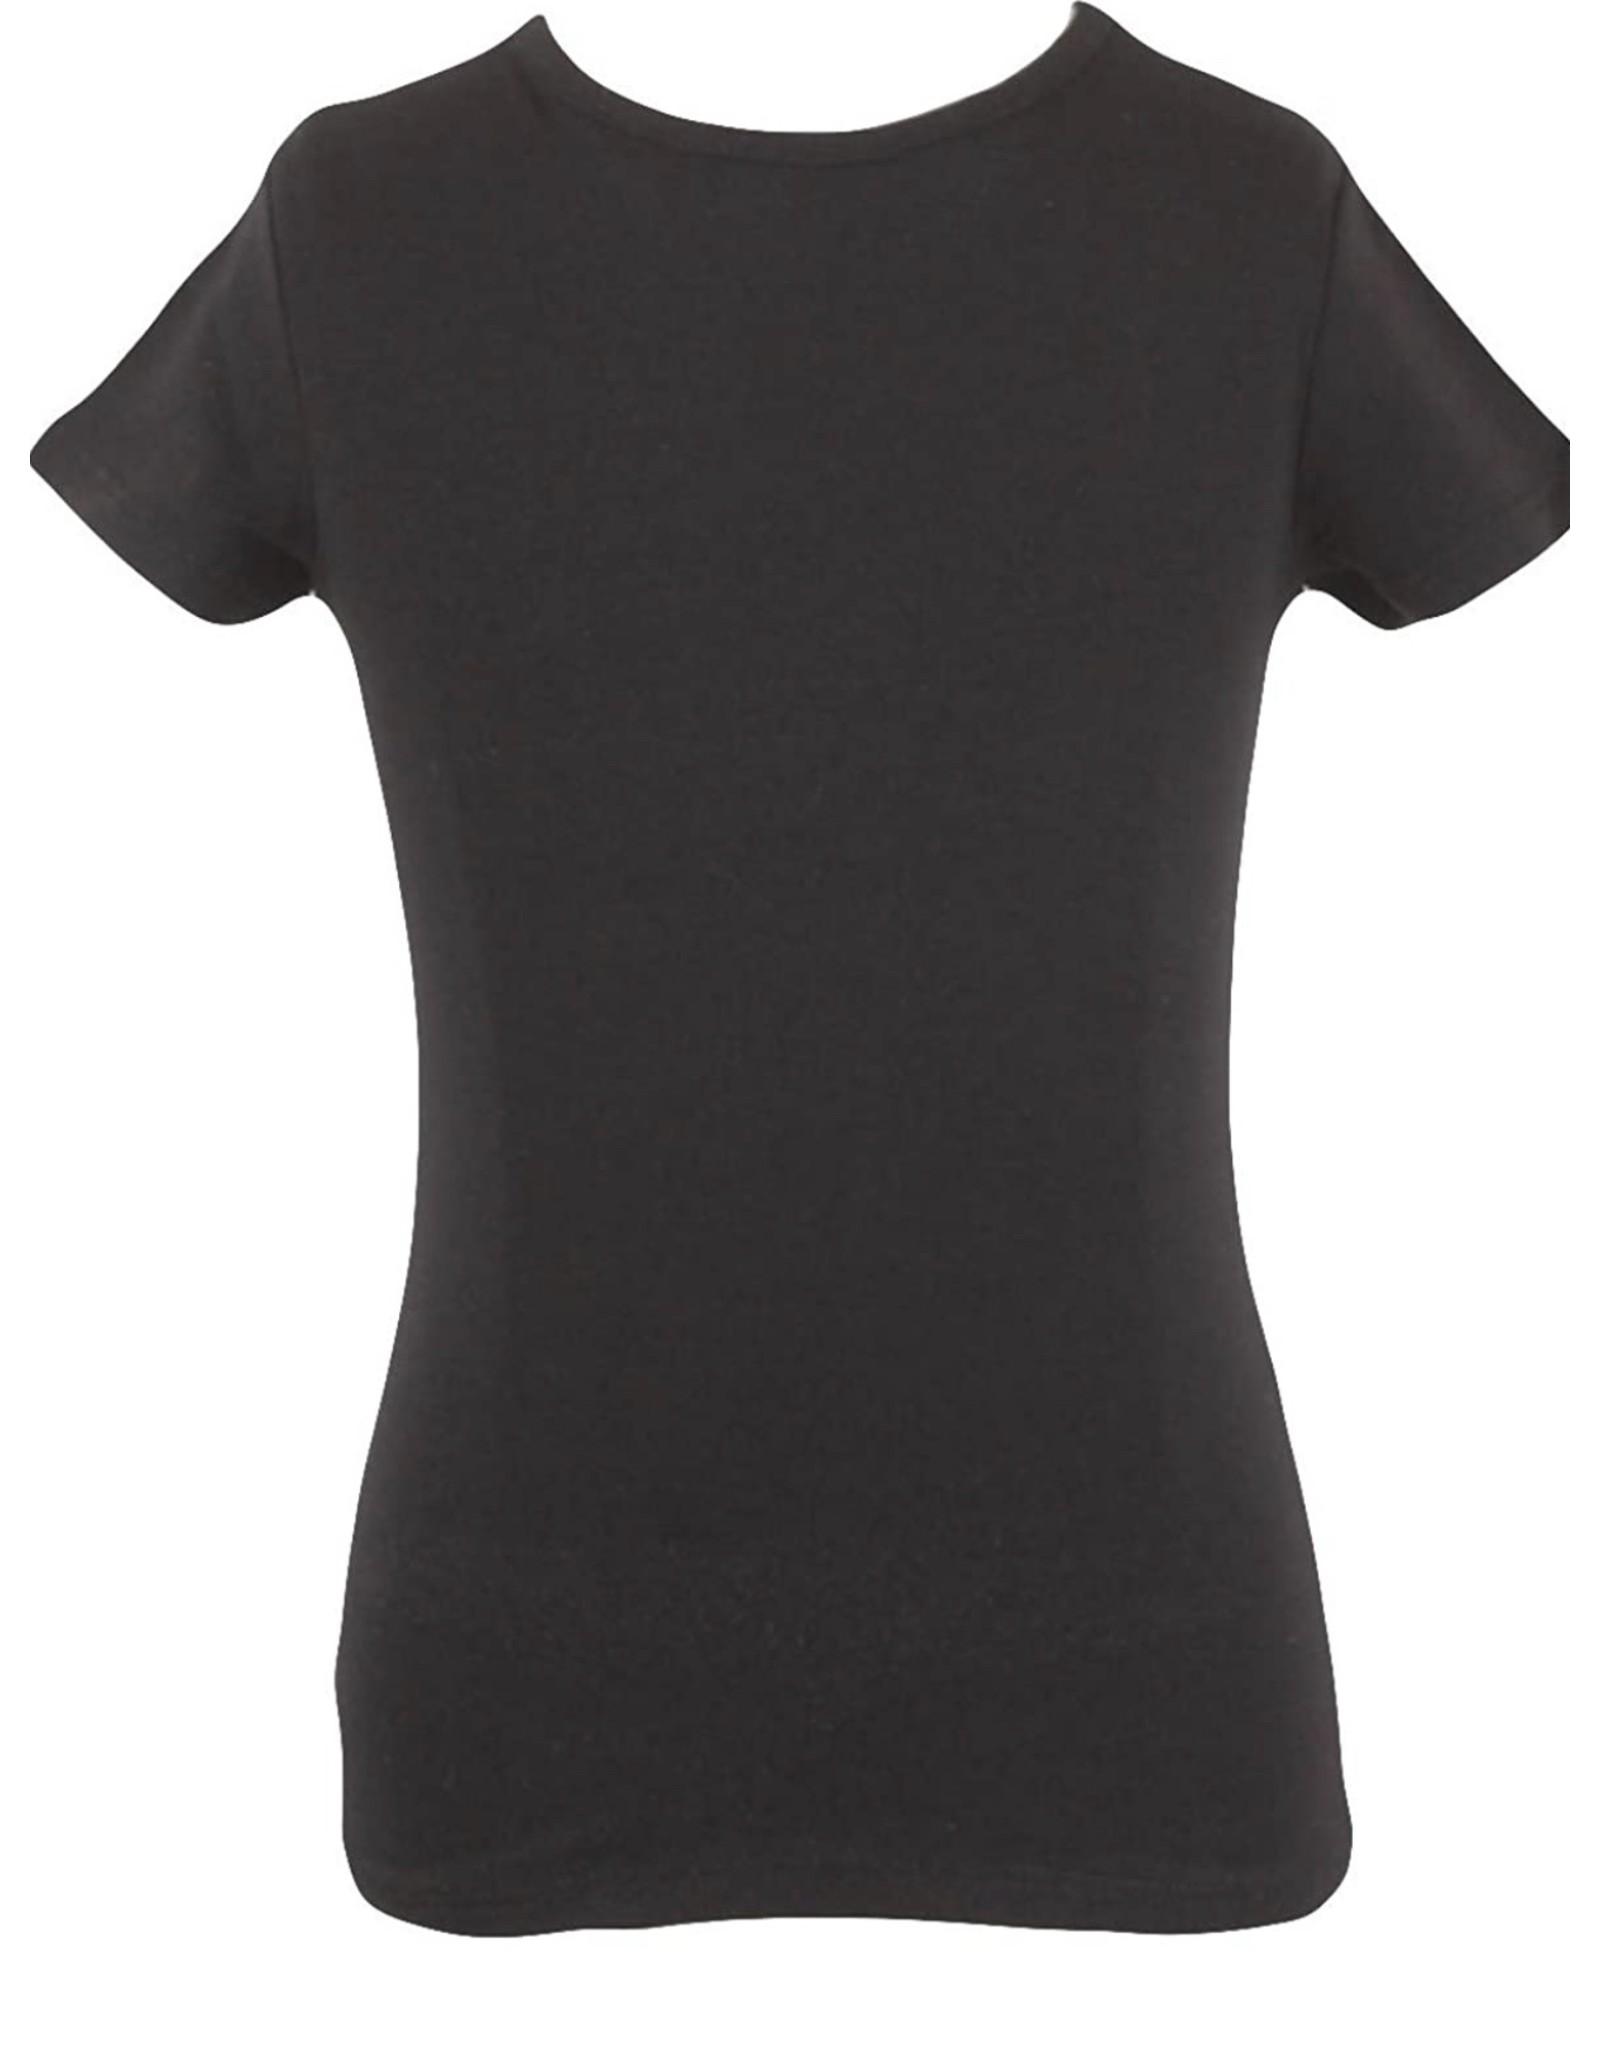 Kiki Riki Kiki Riki Women's Short Sleeve Cotton Shell 11542